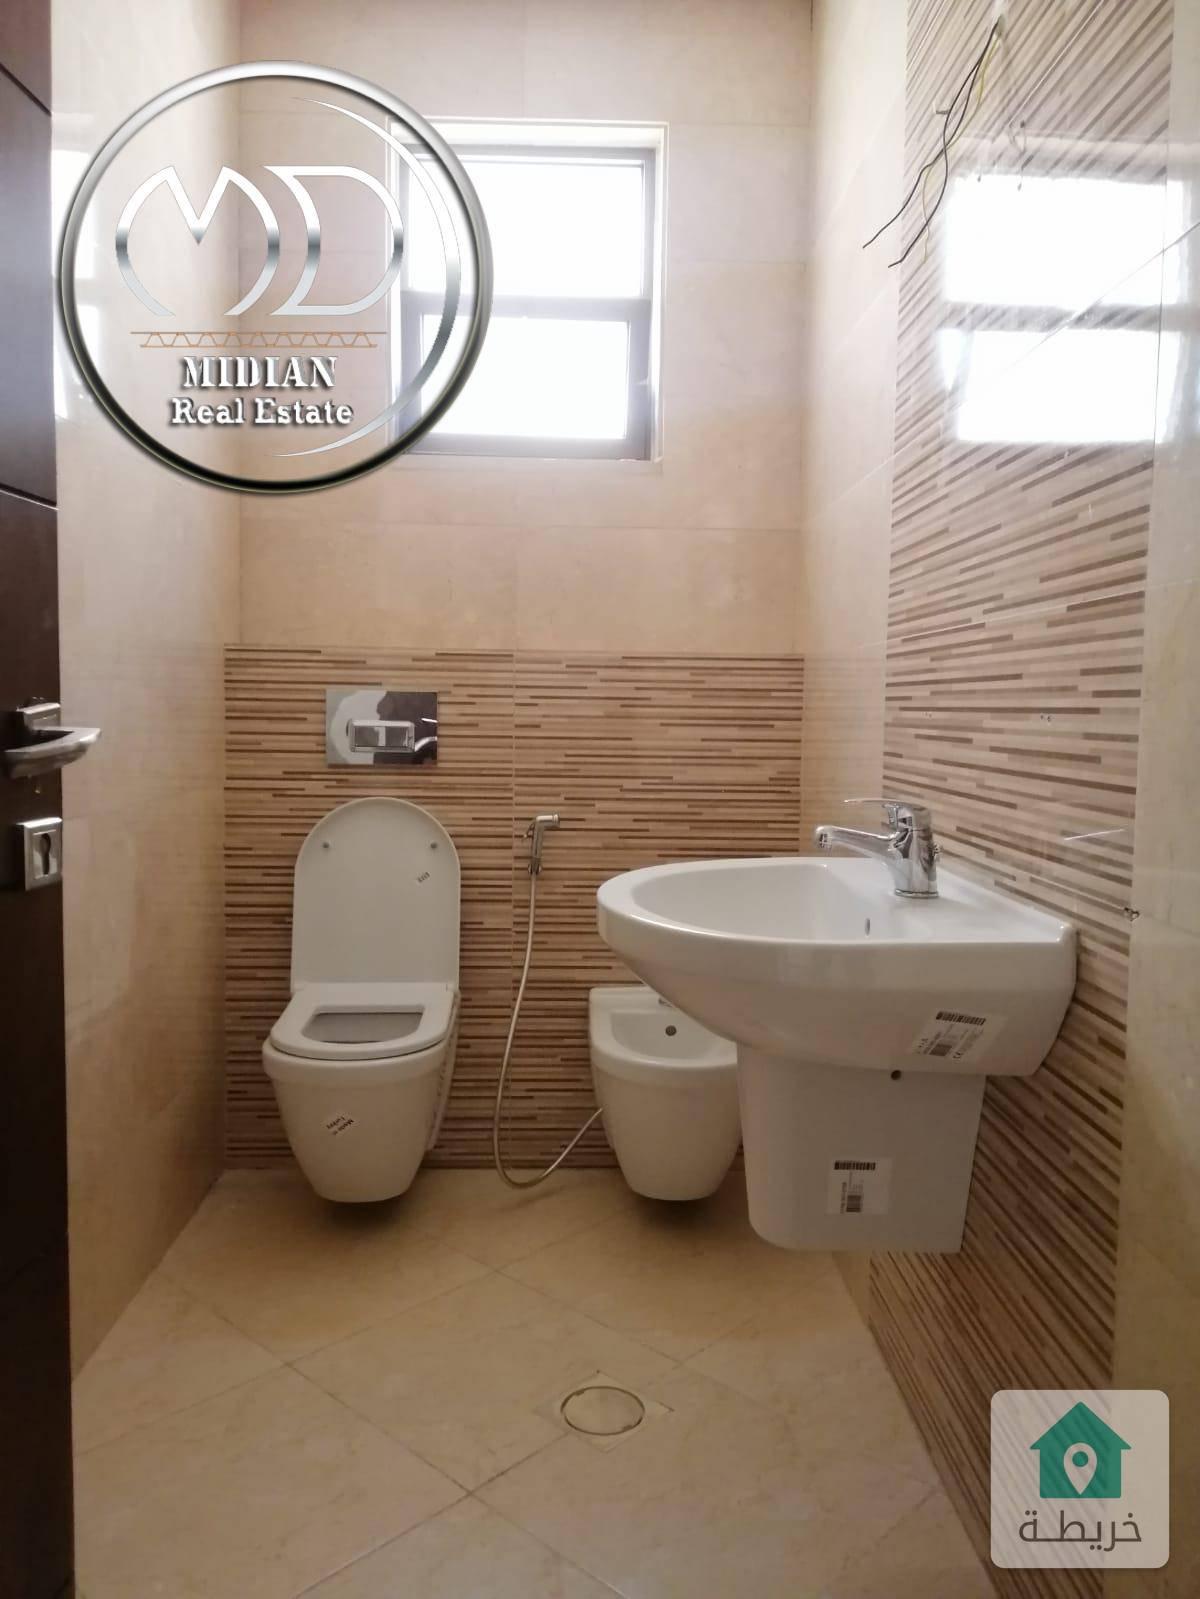 شقة فارغة للايجار خلدا قرب المعارف مساحة 170م طابق ثالث تشطيب سوبر ديلوكس و بسعر مناسب